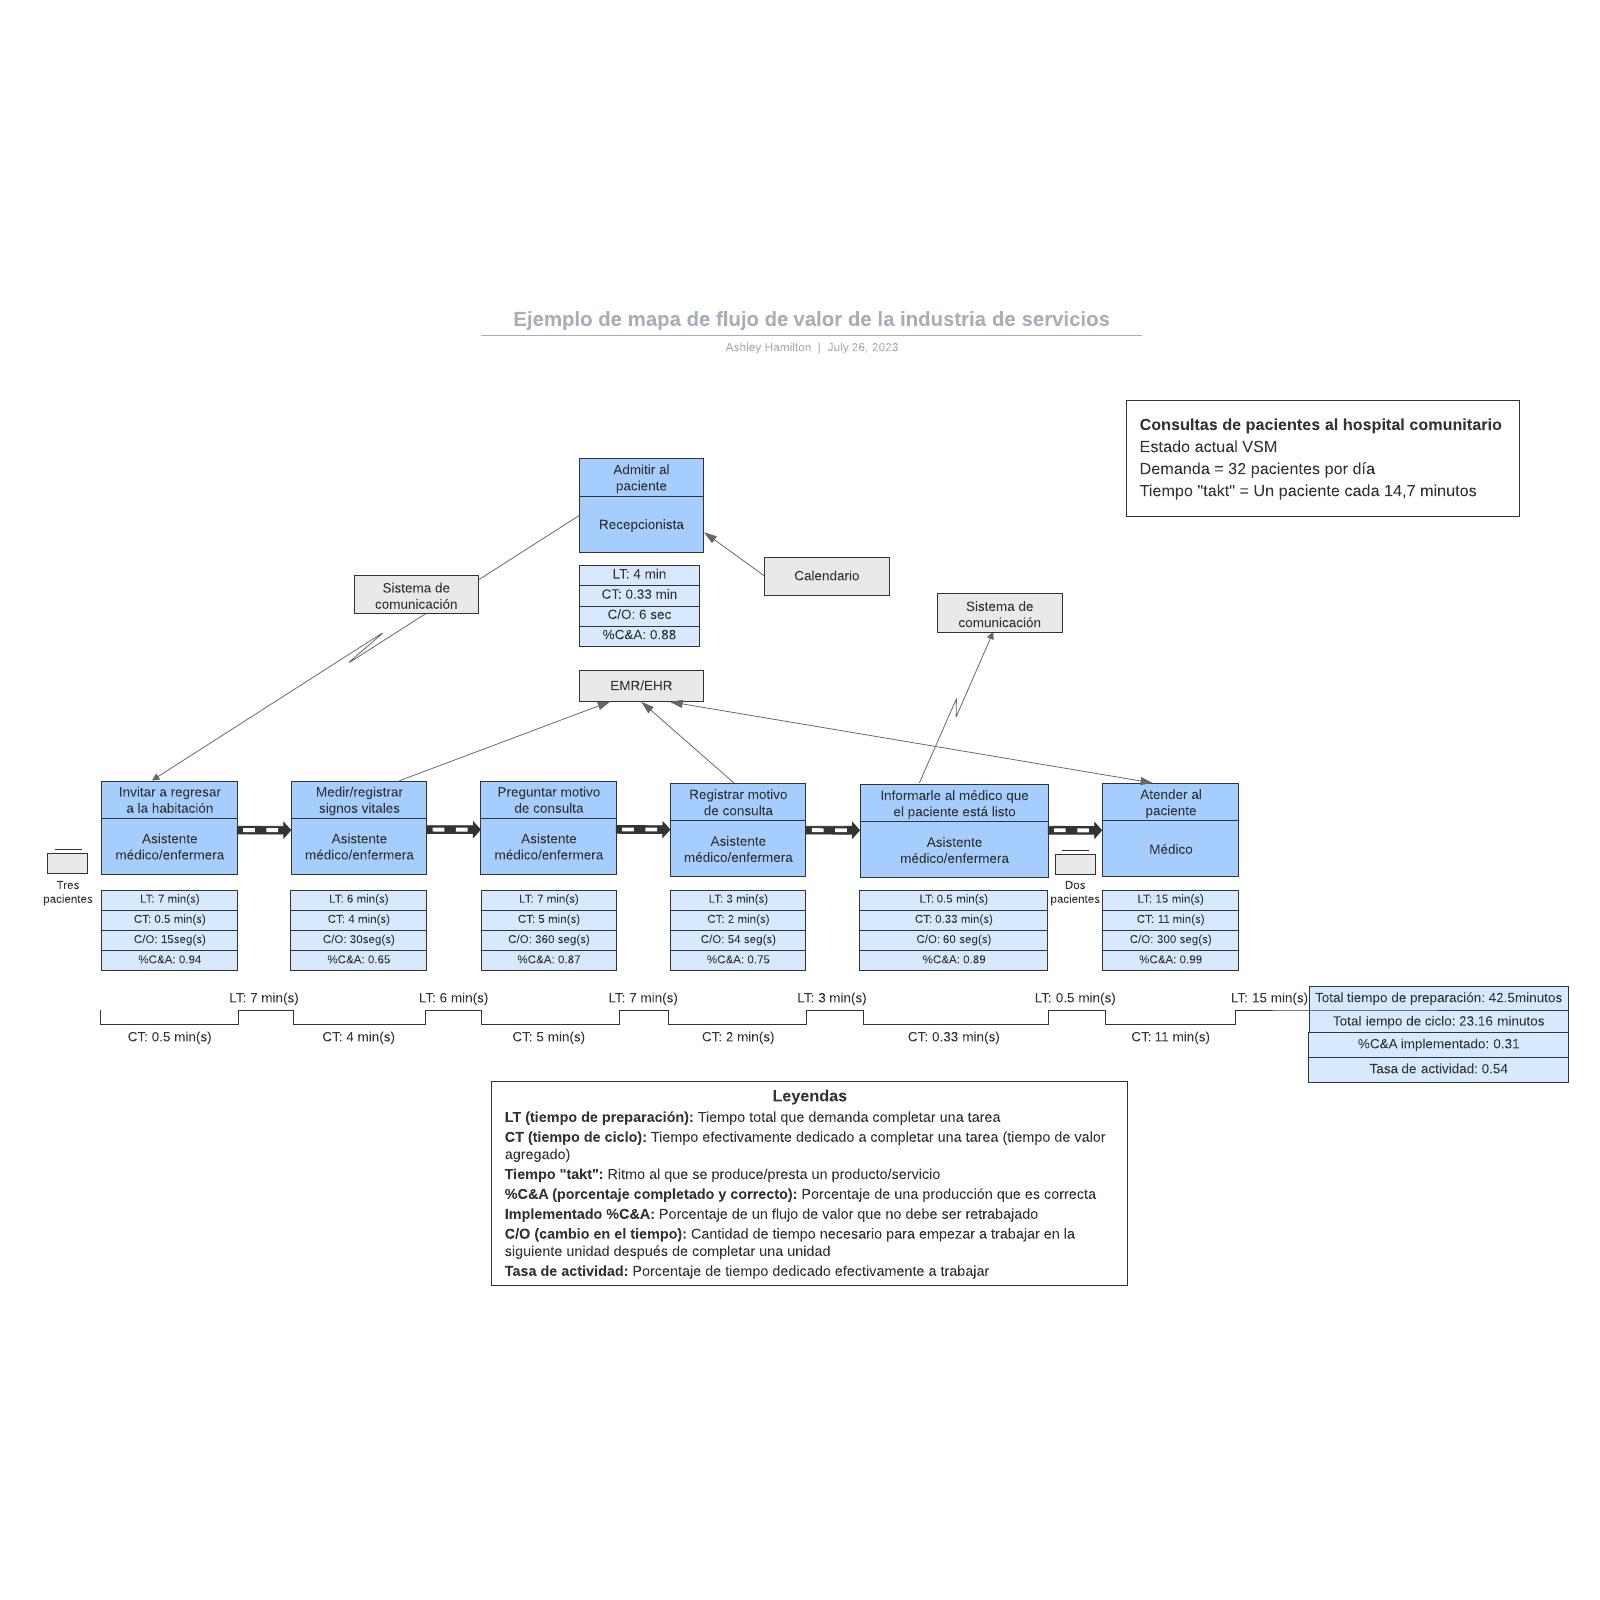 Ejemplo de mapa de flujo de valor de la industria de servicios